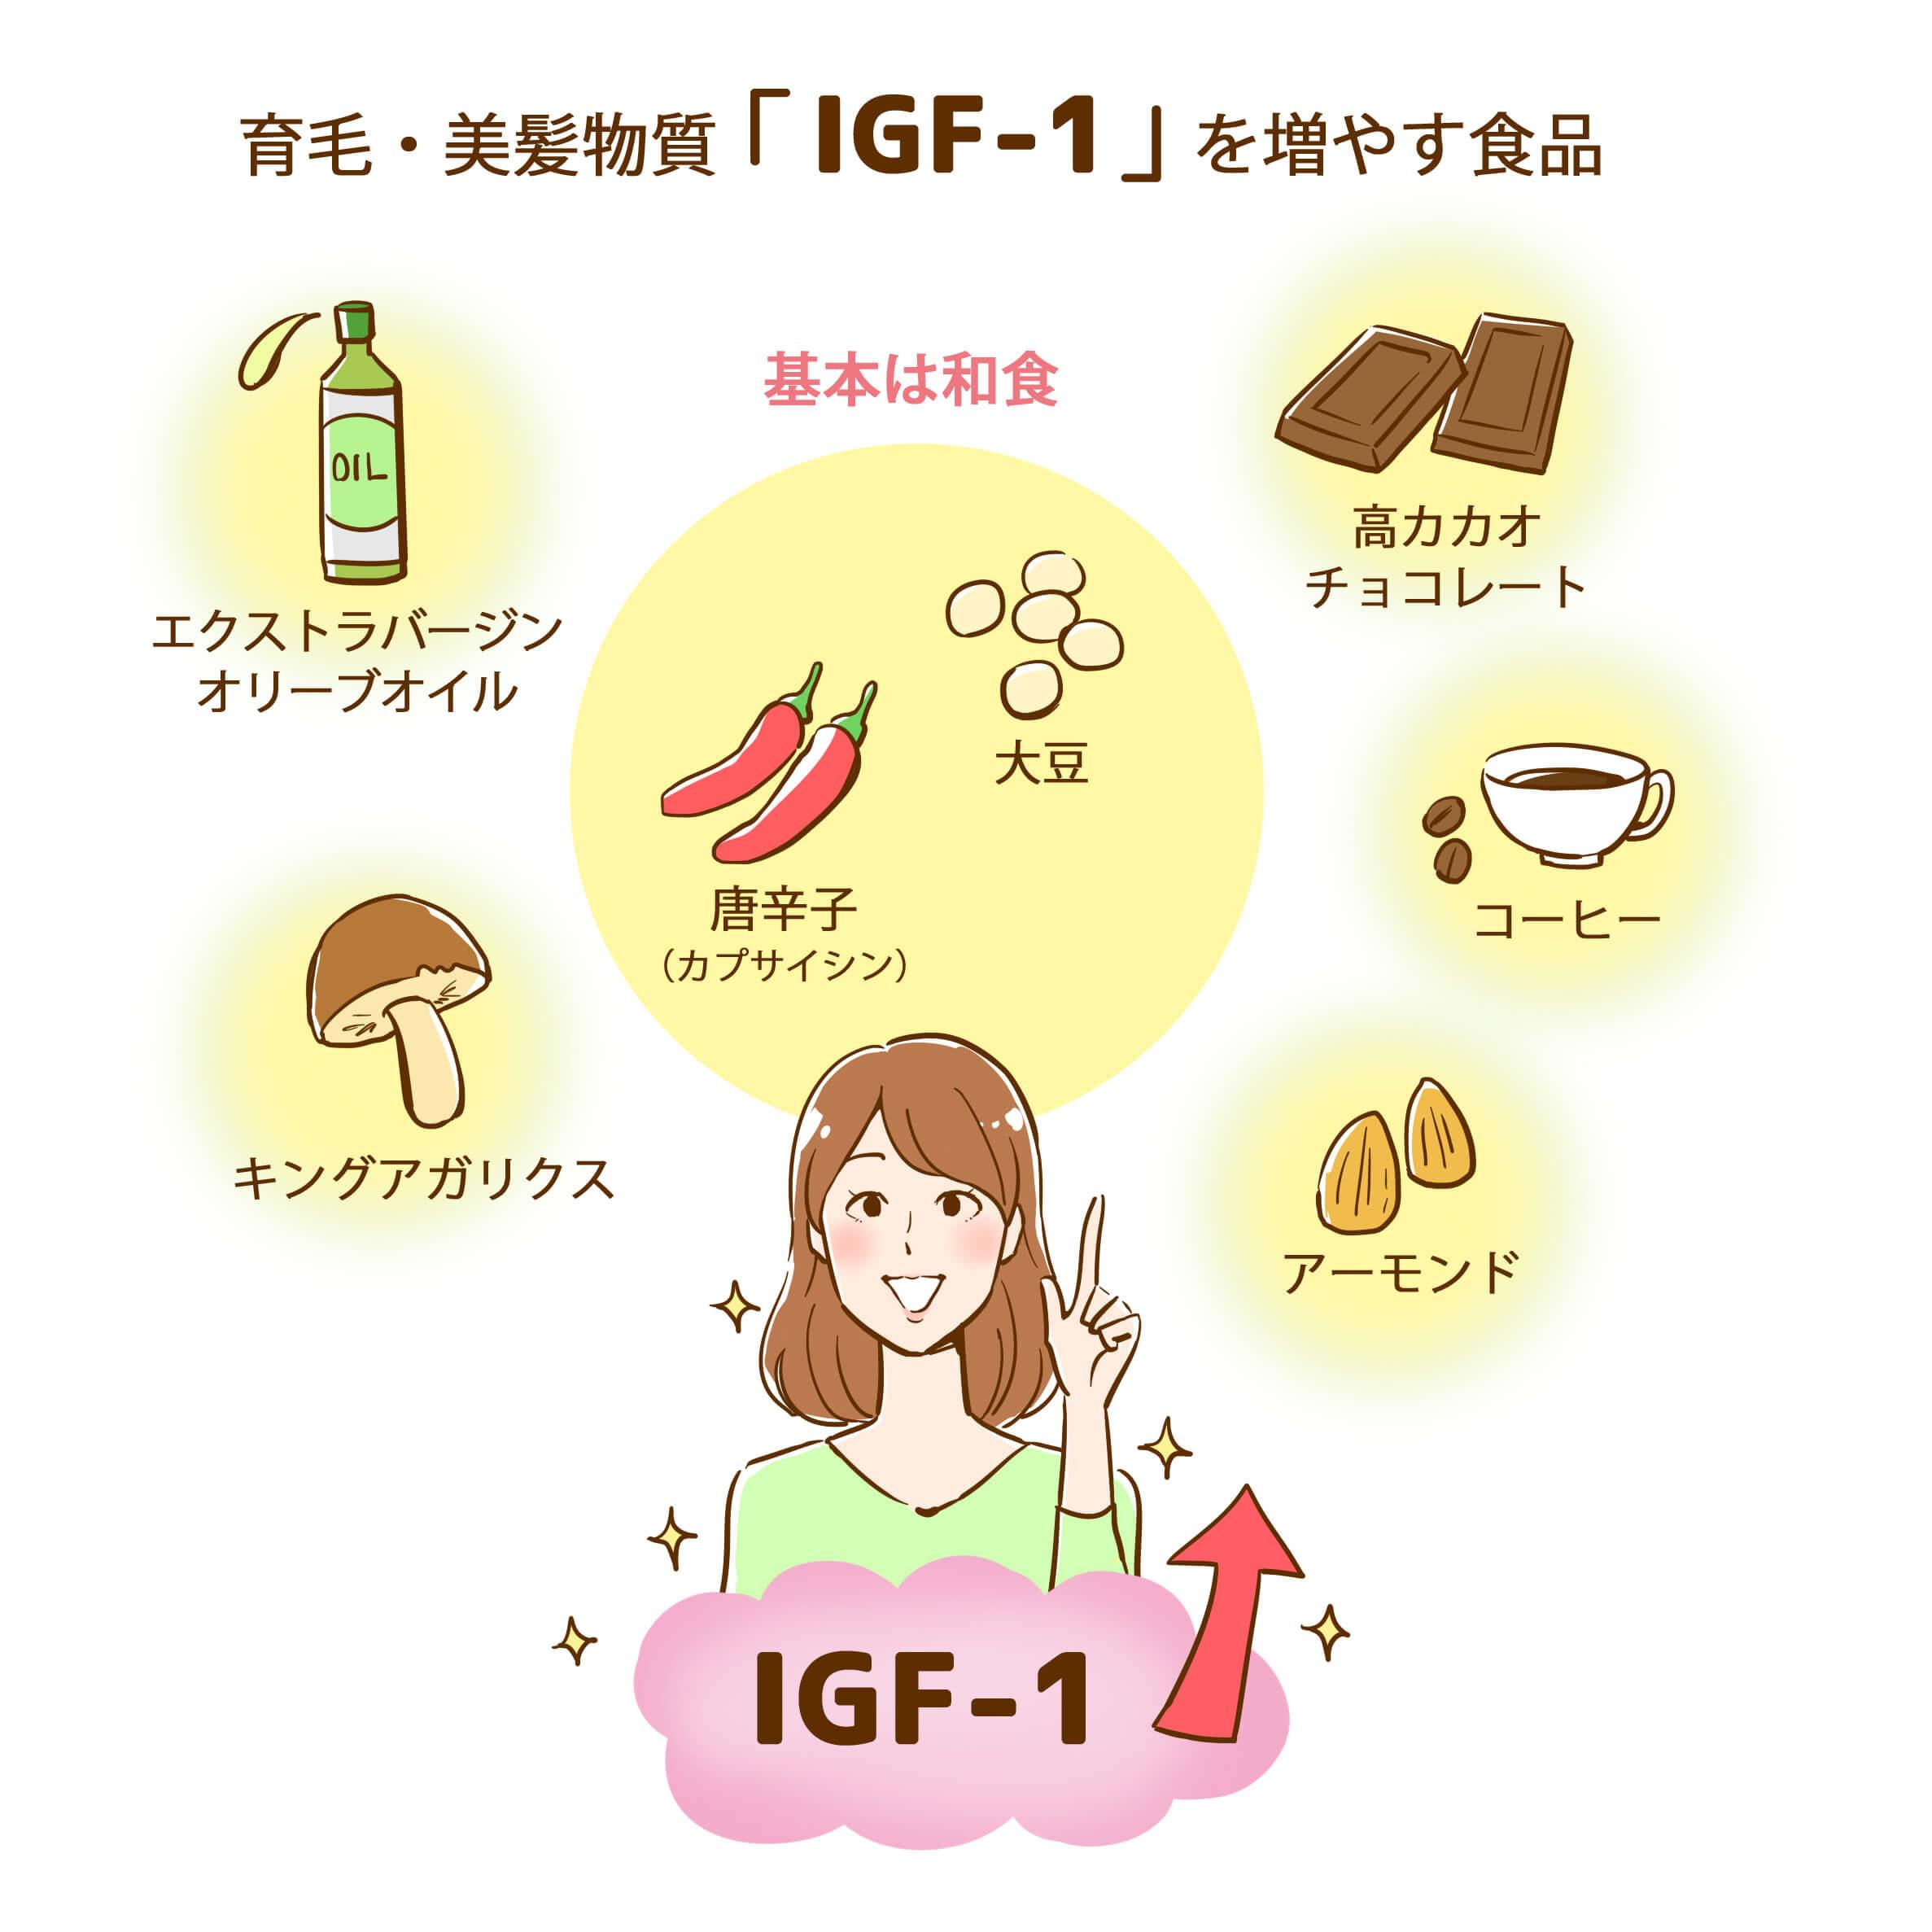 170525(圧縮済)IGF-1増やす食品イラスト